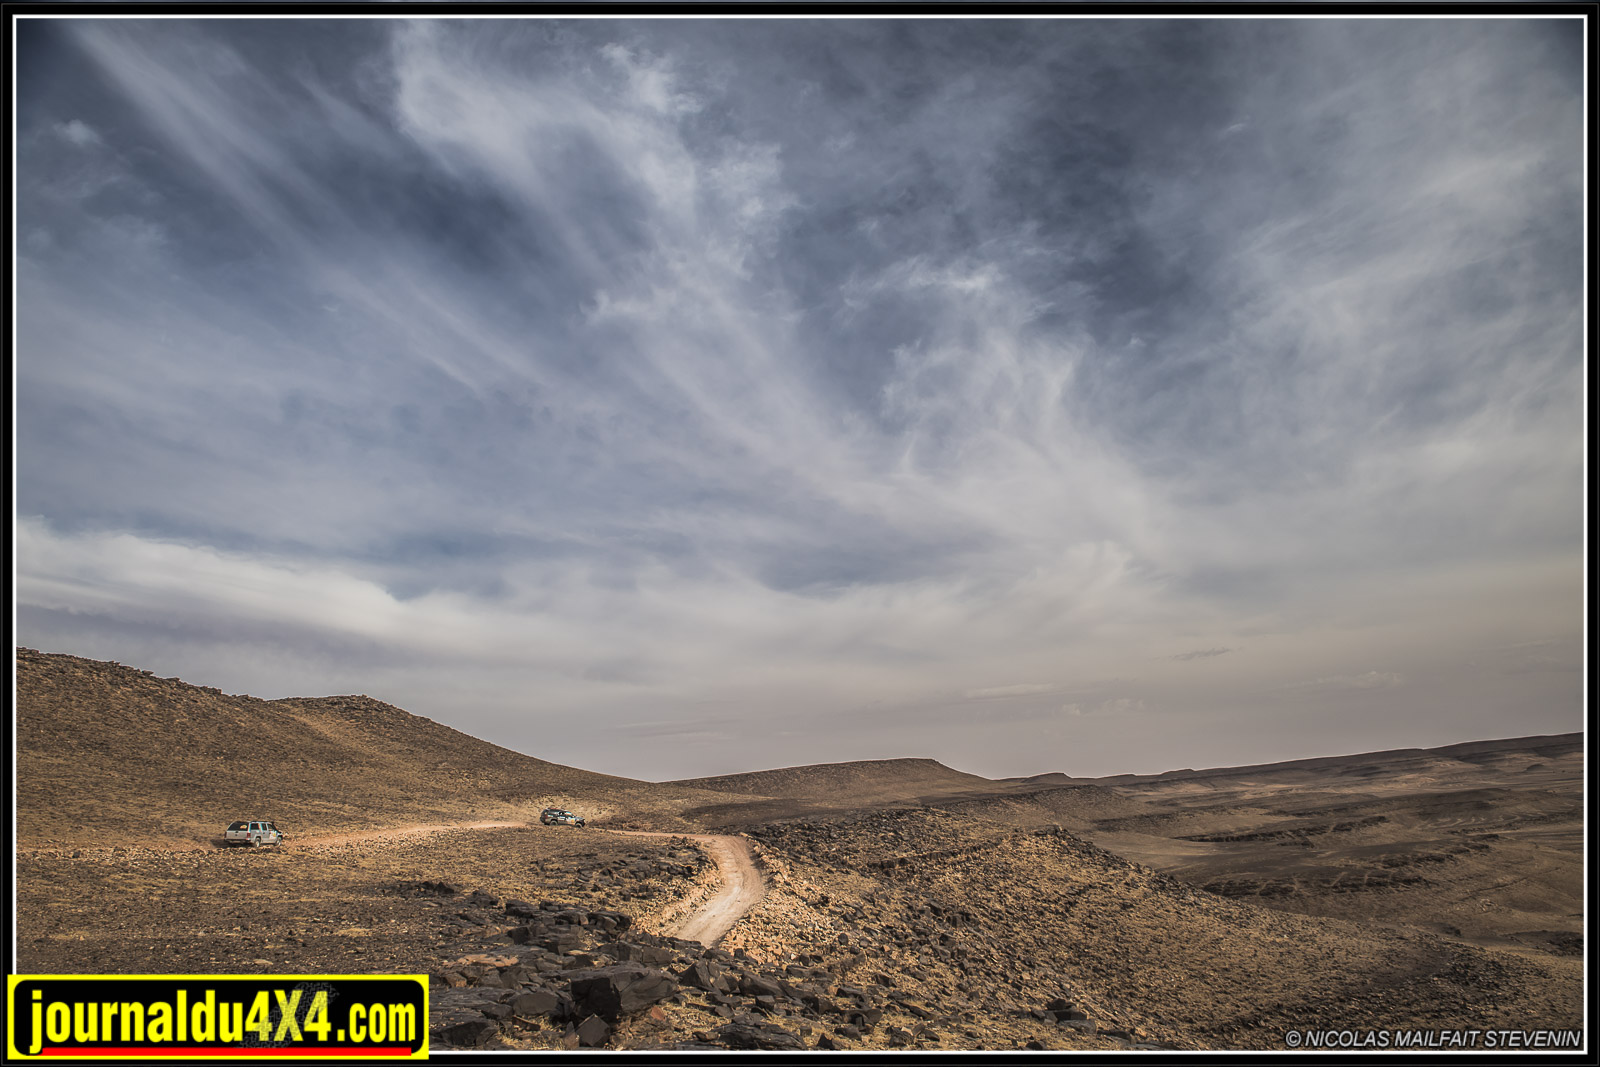 rallye-aicha-gazelles-maroc-2017-6821.jpg